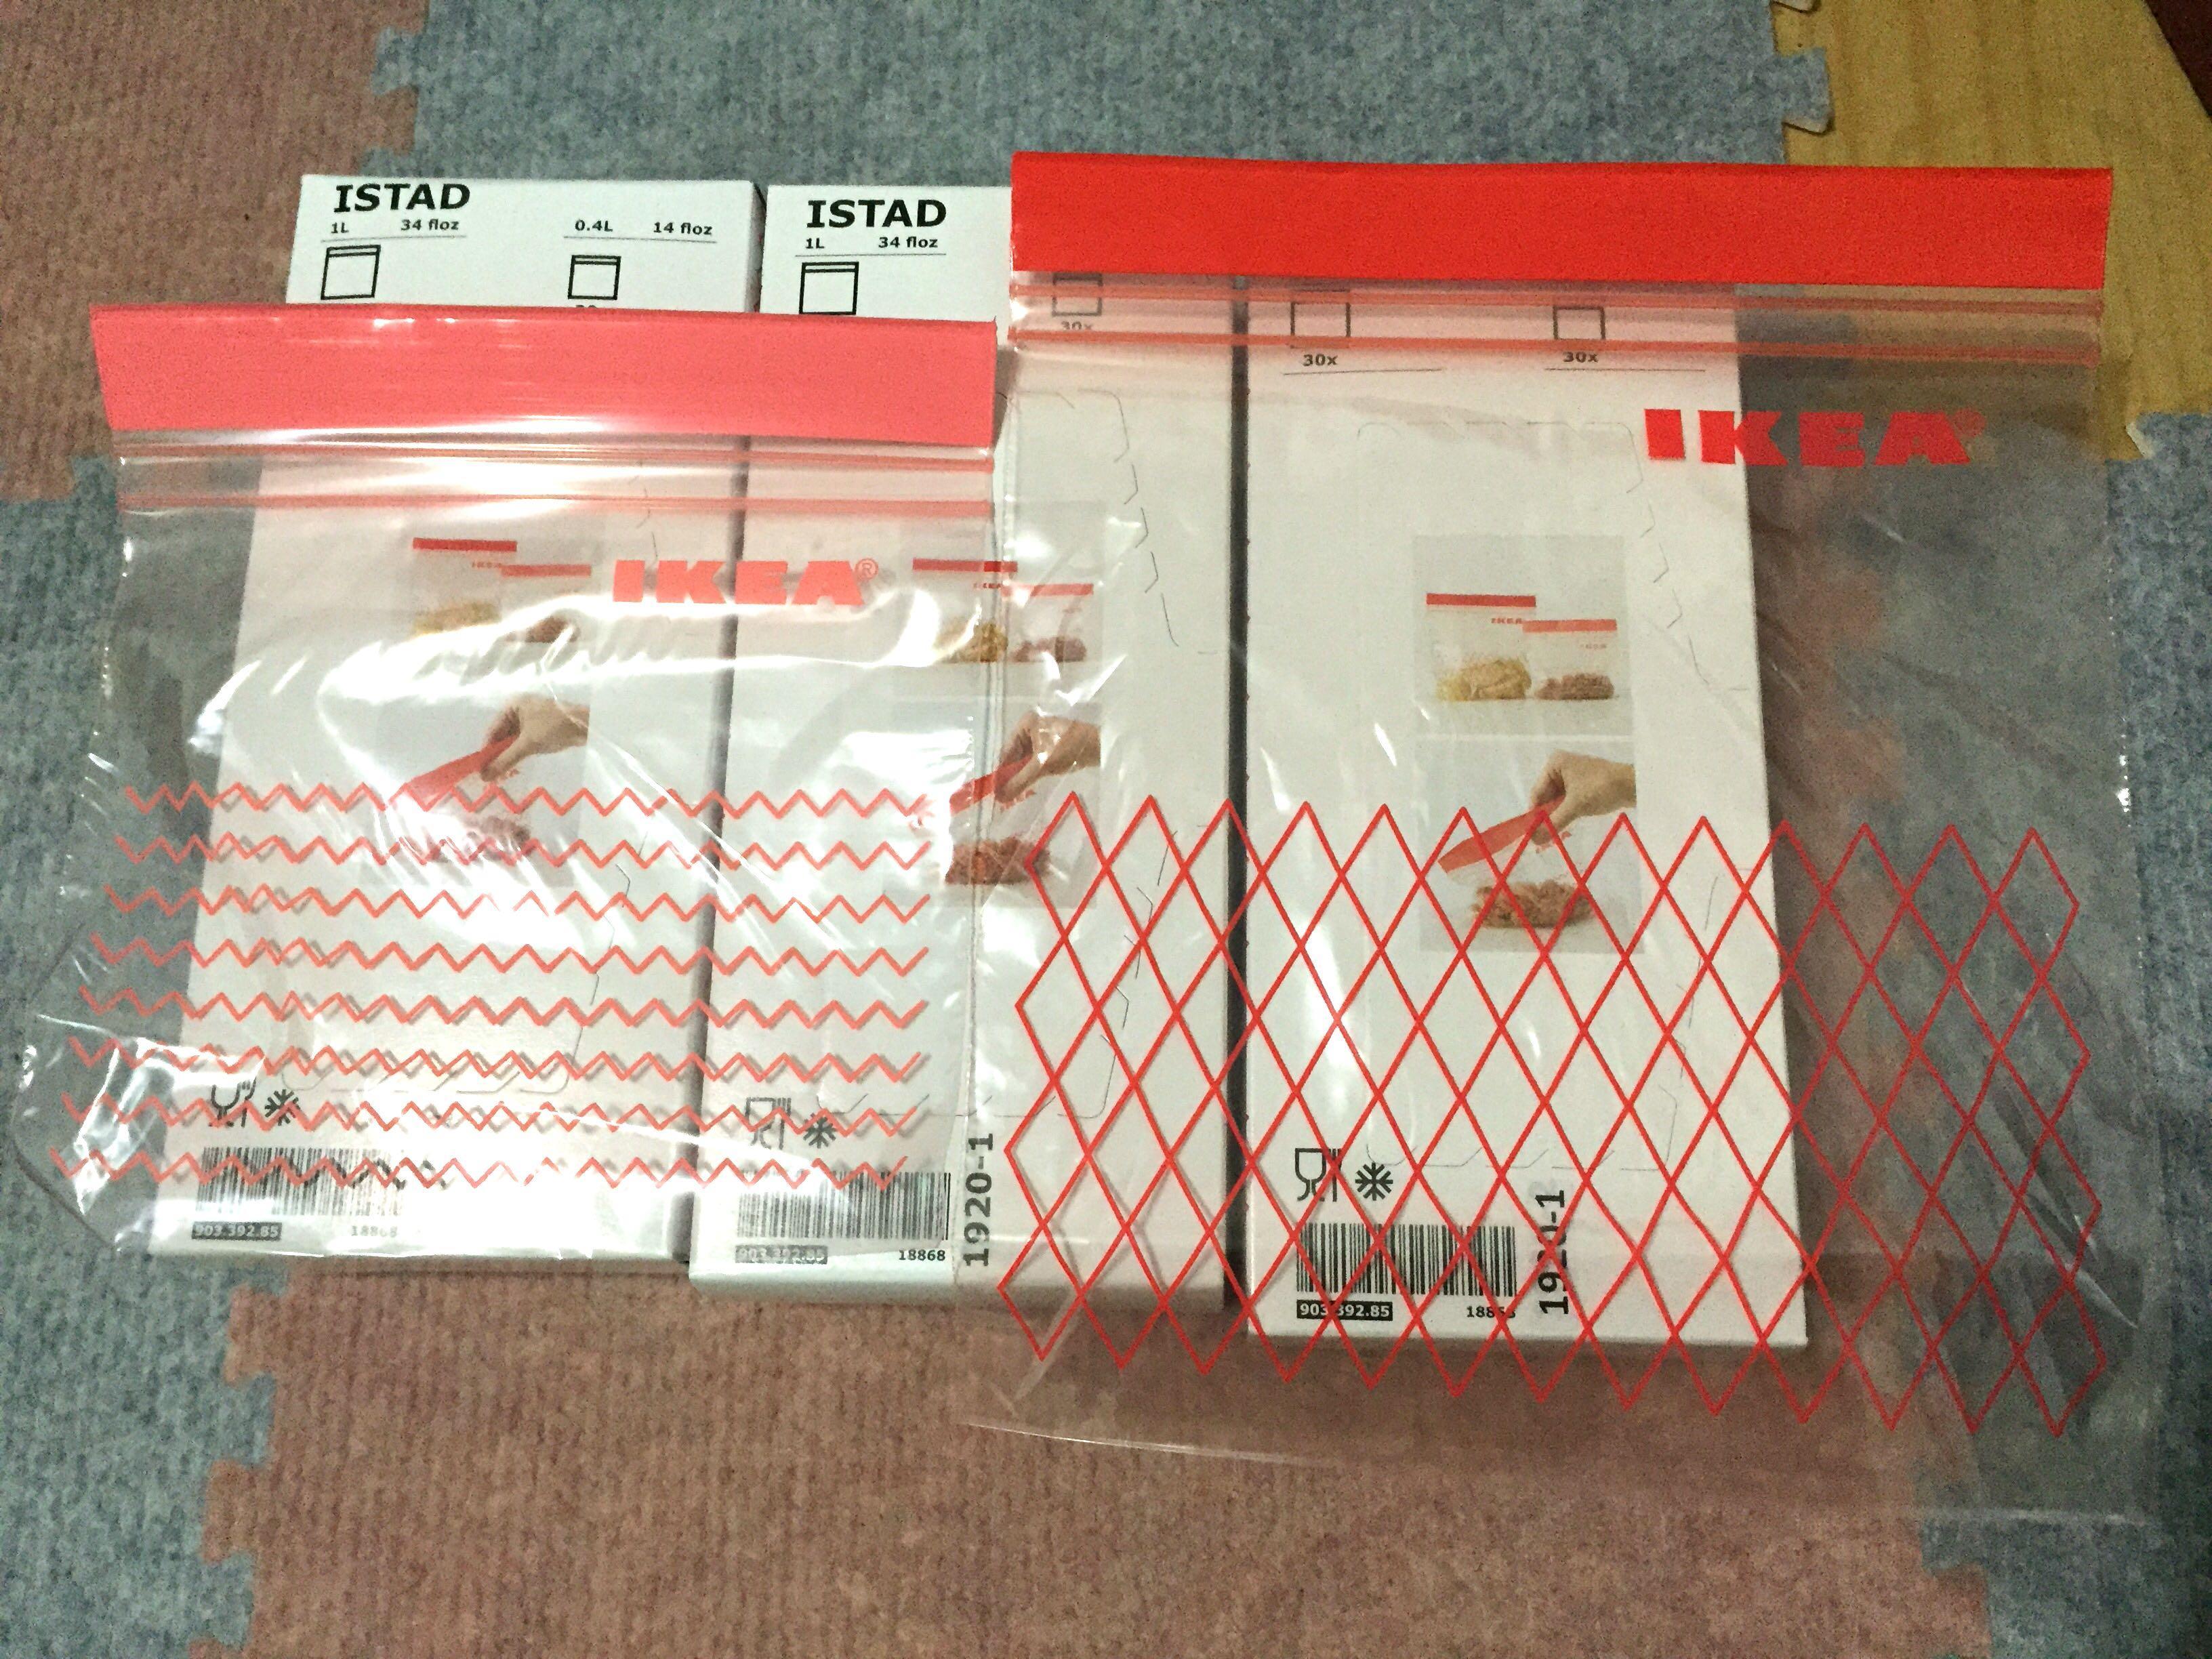 Ikea 收納夾鏈袋0.4跟1L 裝